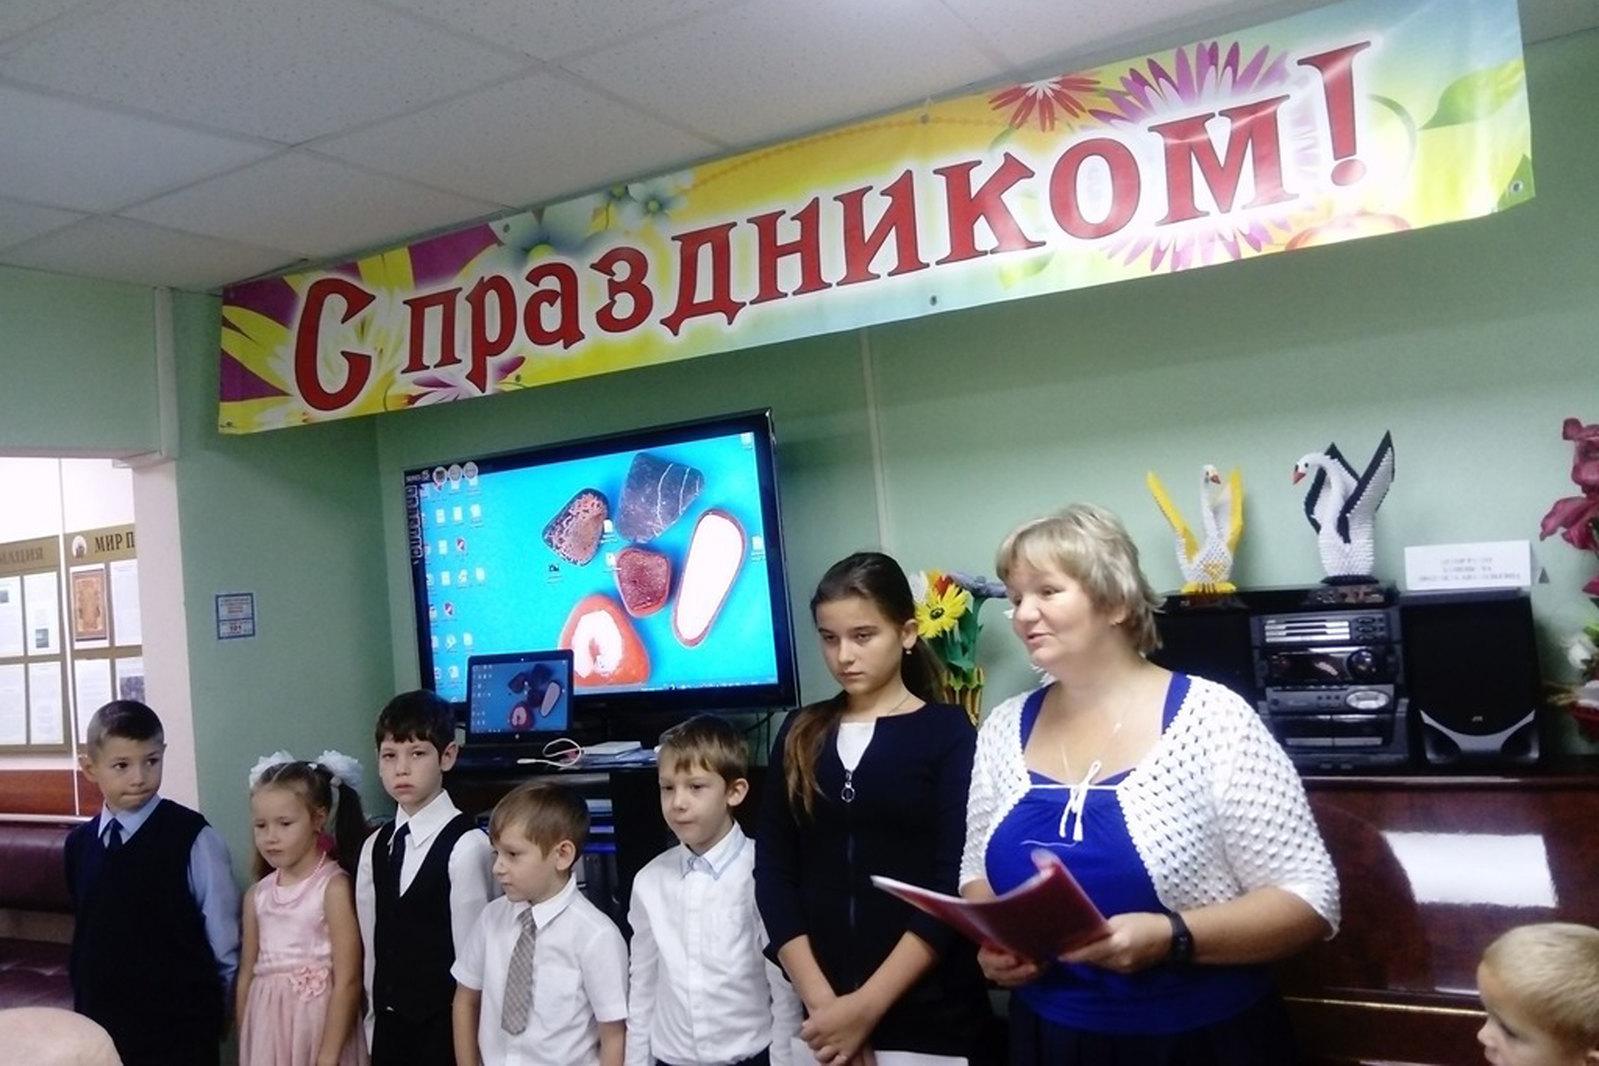 Воспитанники воскресной школы «Под Покровом» поздравили подопечных Центра социального обслуживания с Днем пожилогона человека